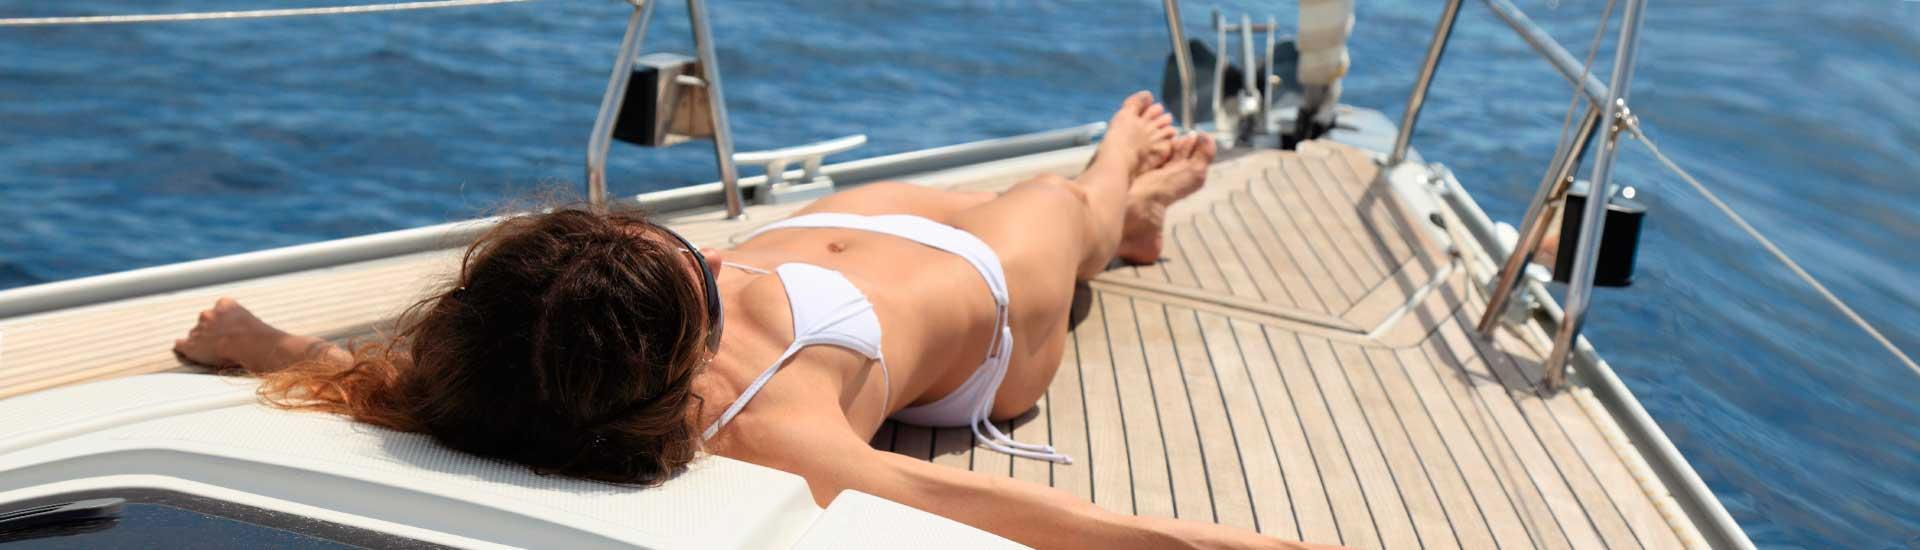 Расслабьтесь и насладитесь солнцем